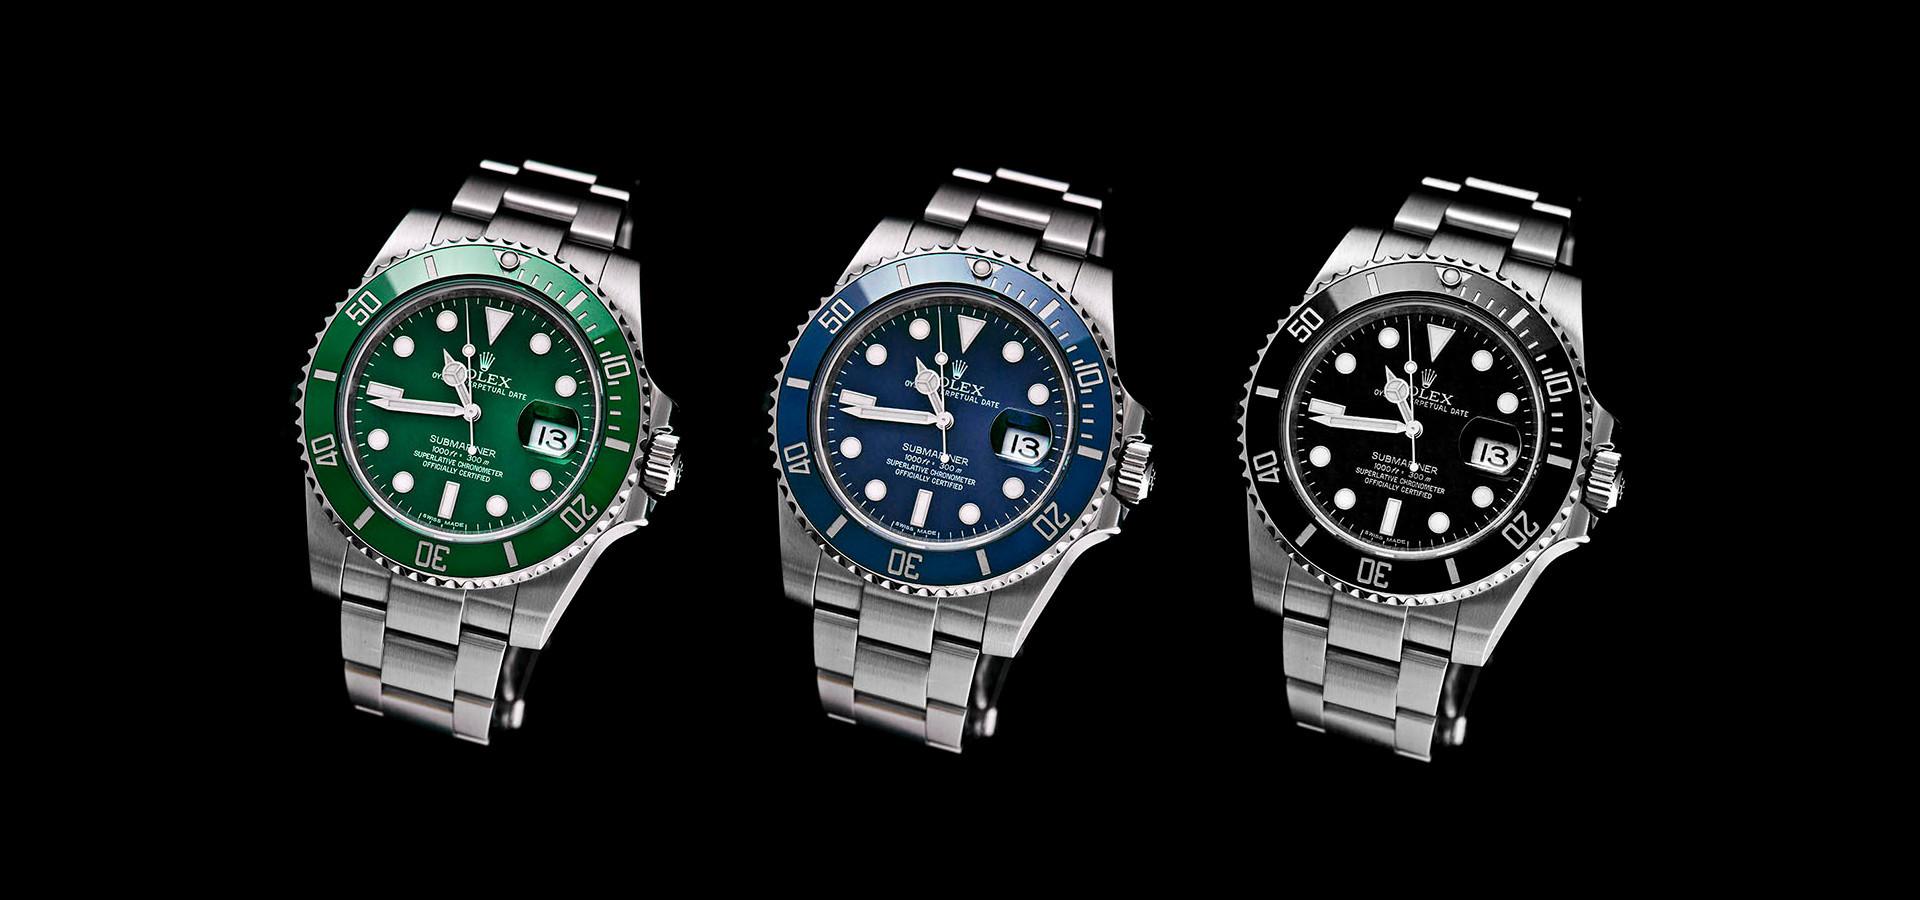 nuovo stile 25c58 8e145 Orologeria Verdini - Vendita e Acquisto a Roma orologi Rolex ...